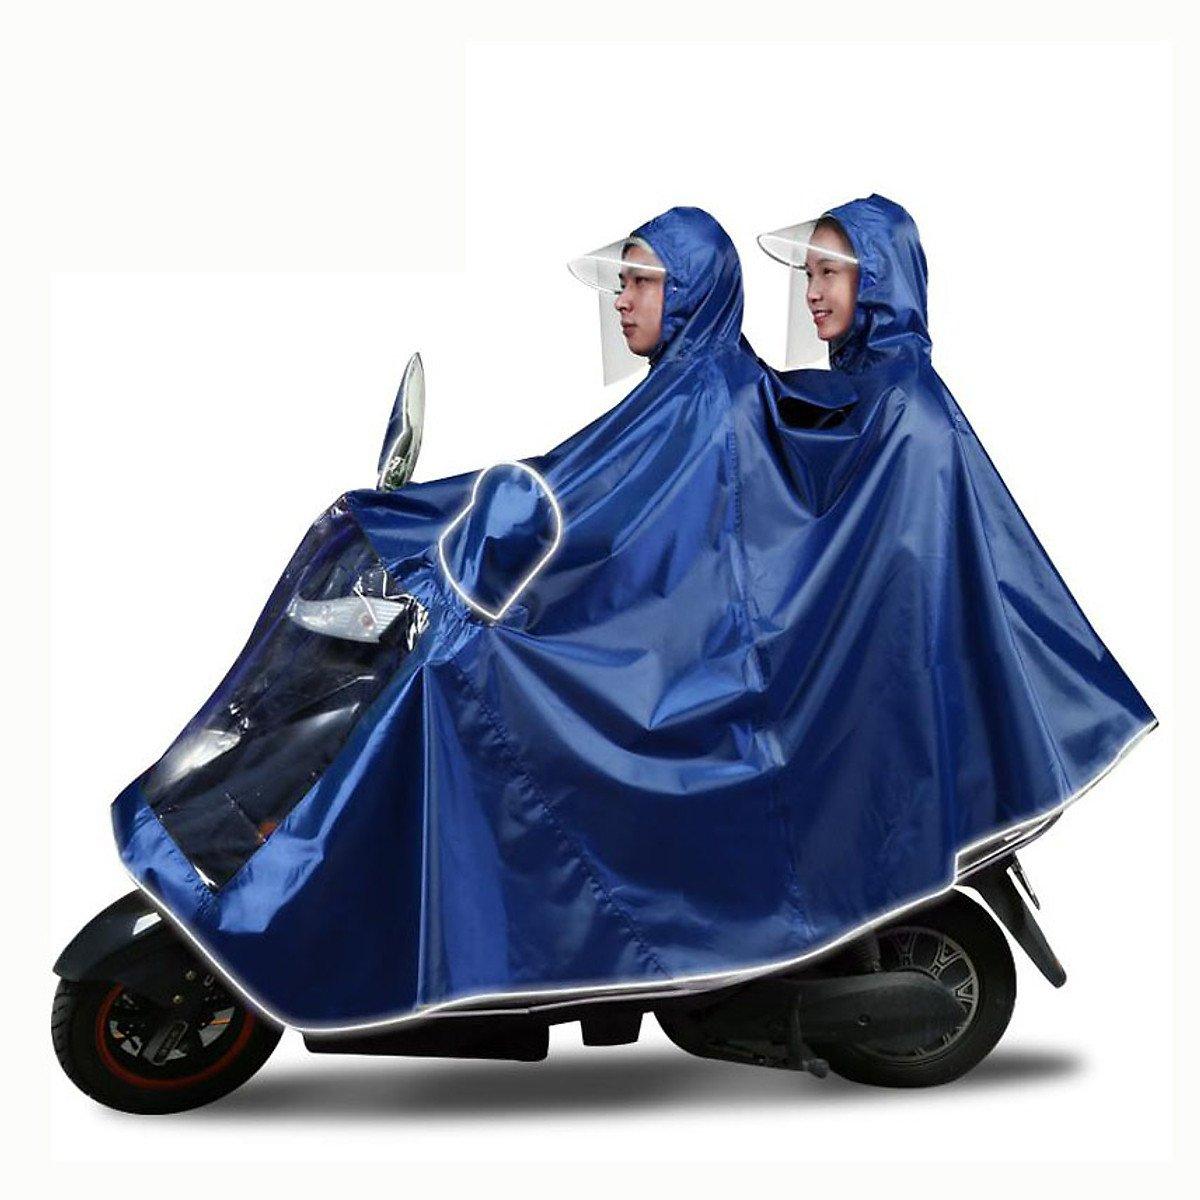 Mặc kệ áo mưa 20k bán nhan nhản, hội nhà giàu thích tốn vài chục triệu diện cho sang người - 1